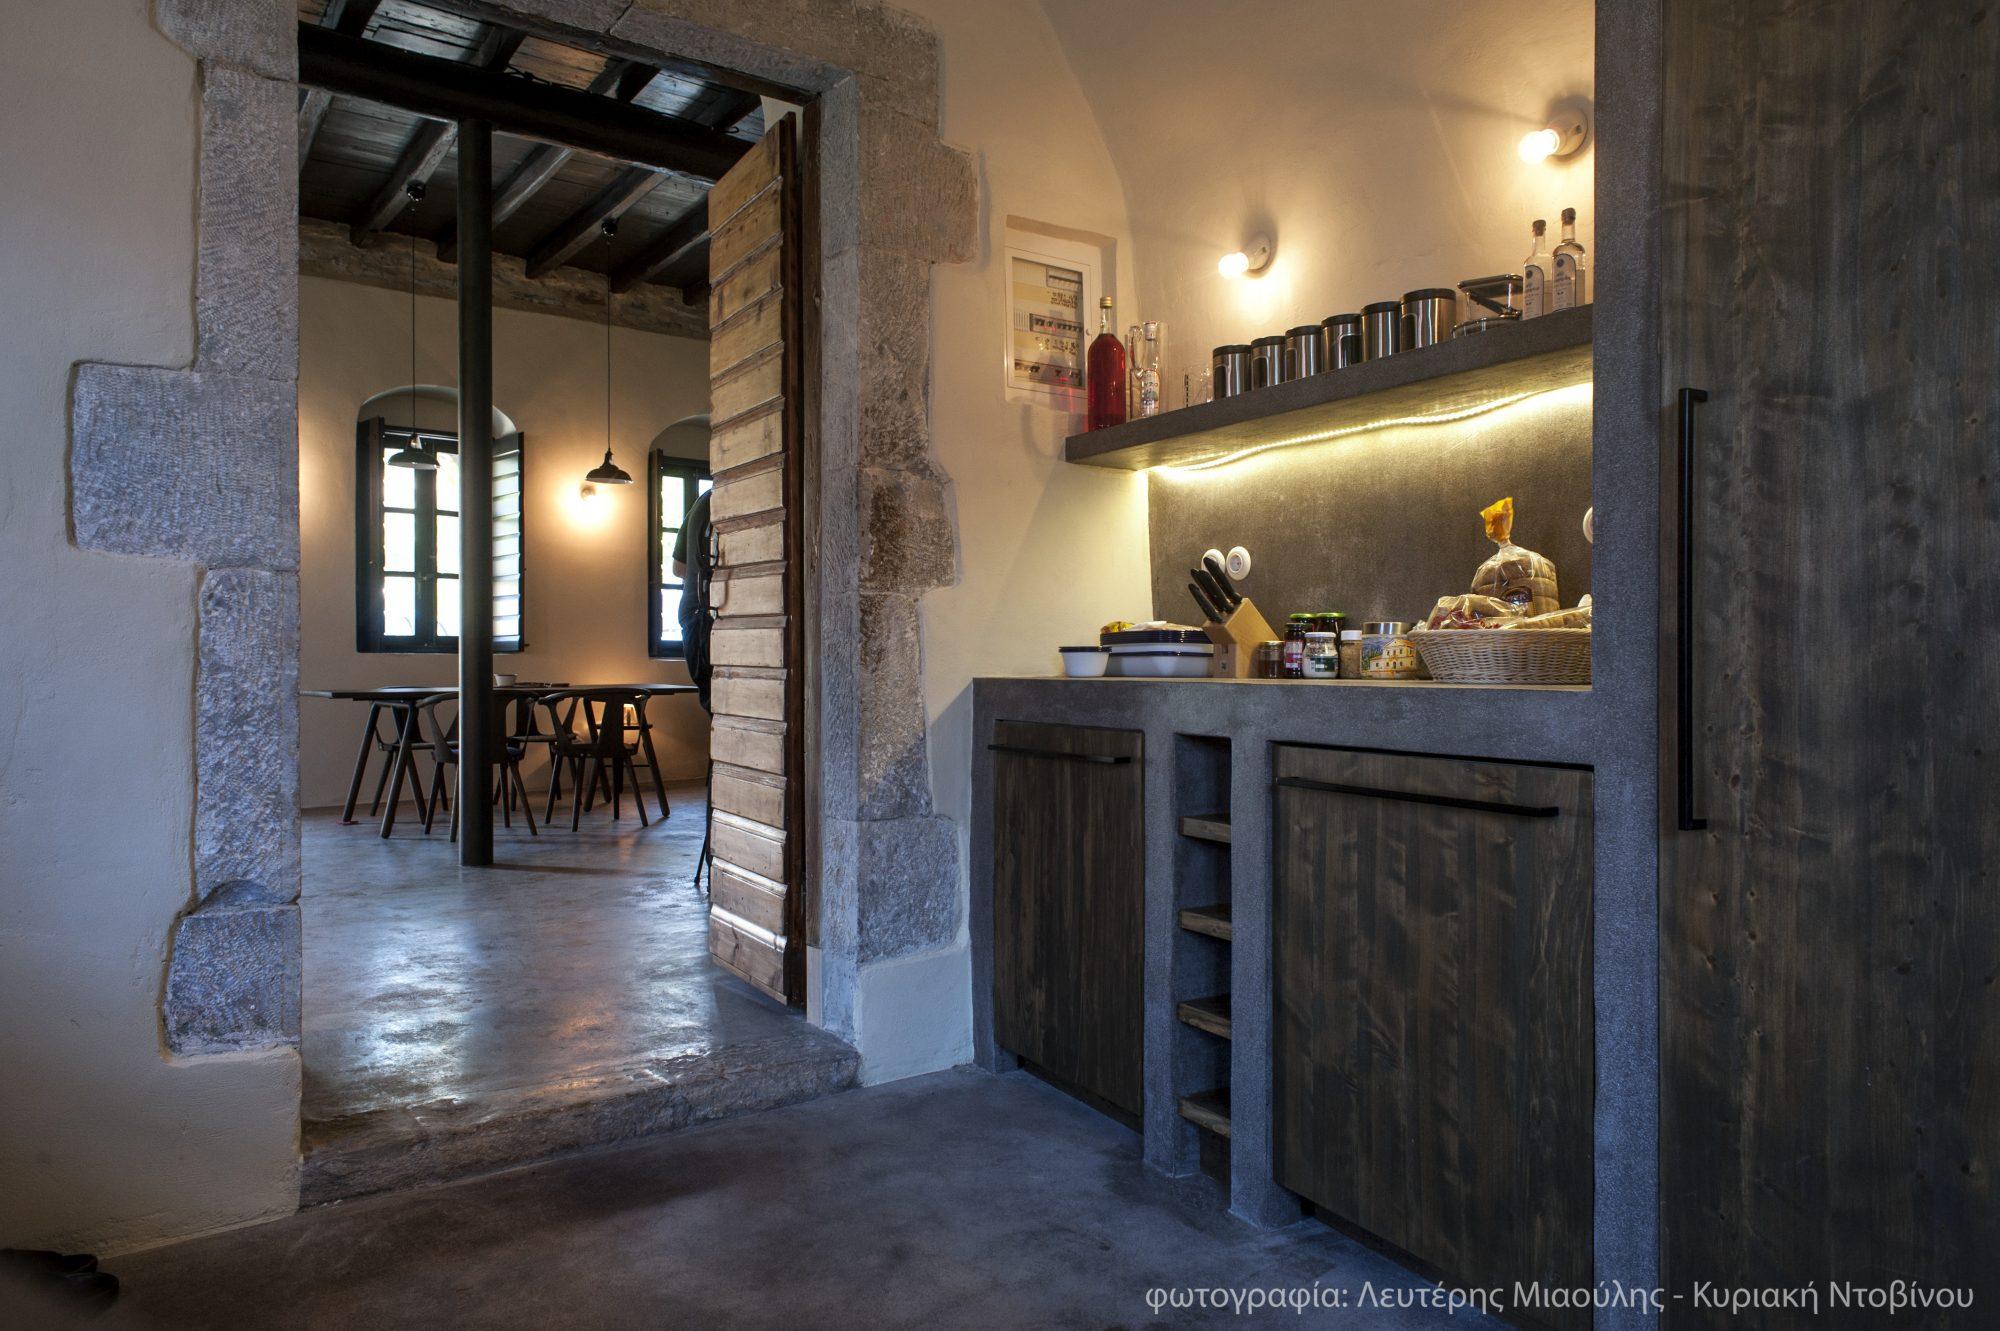 Ένα παλιό καφενείο στην Μάνη